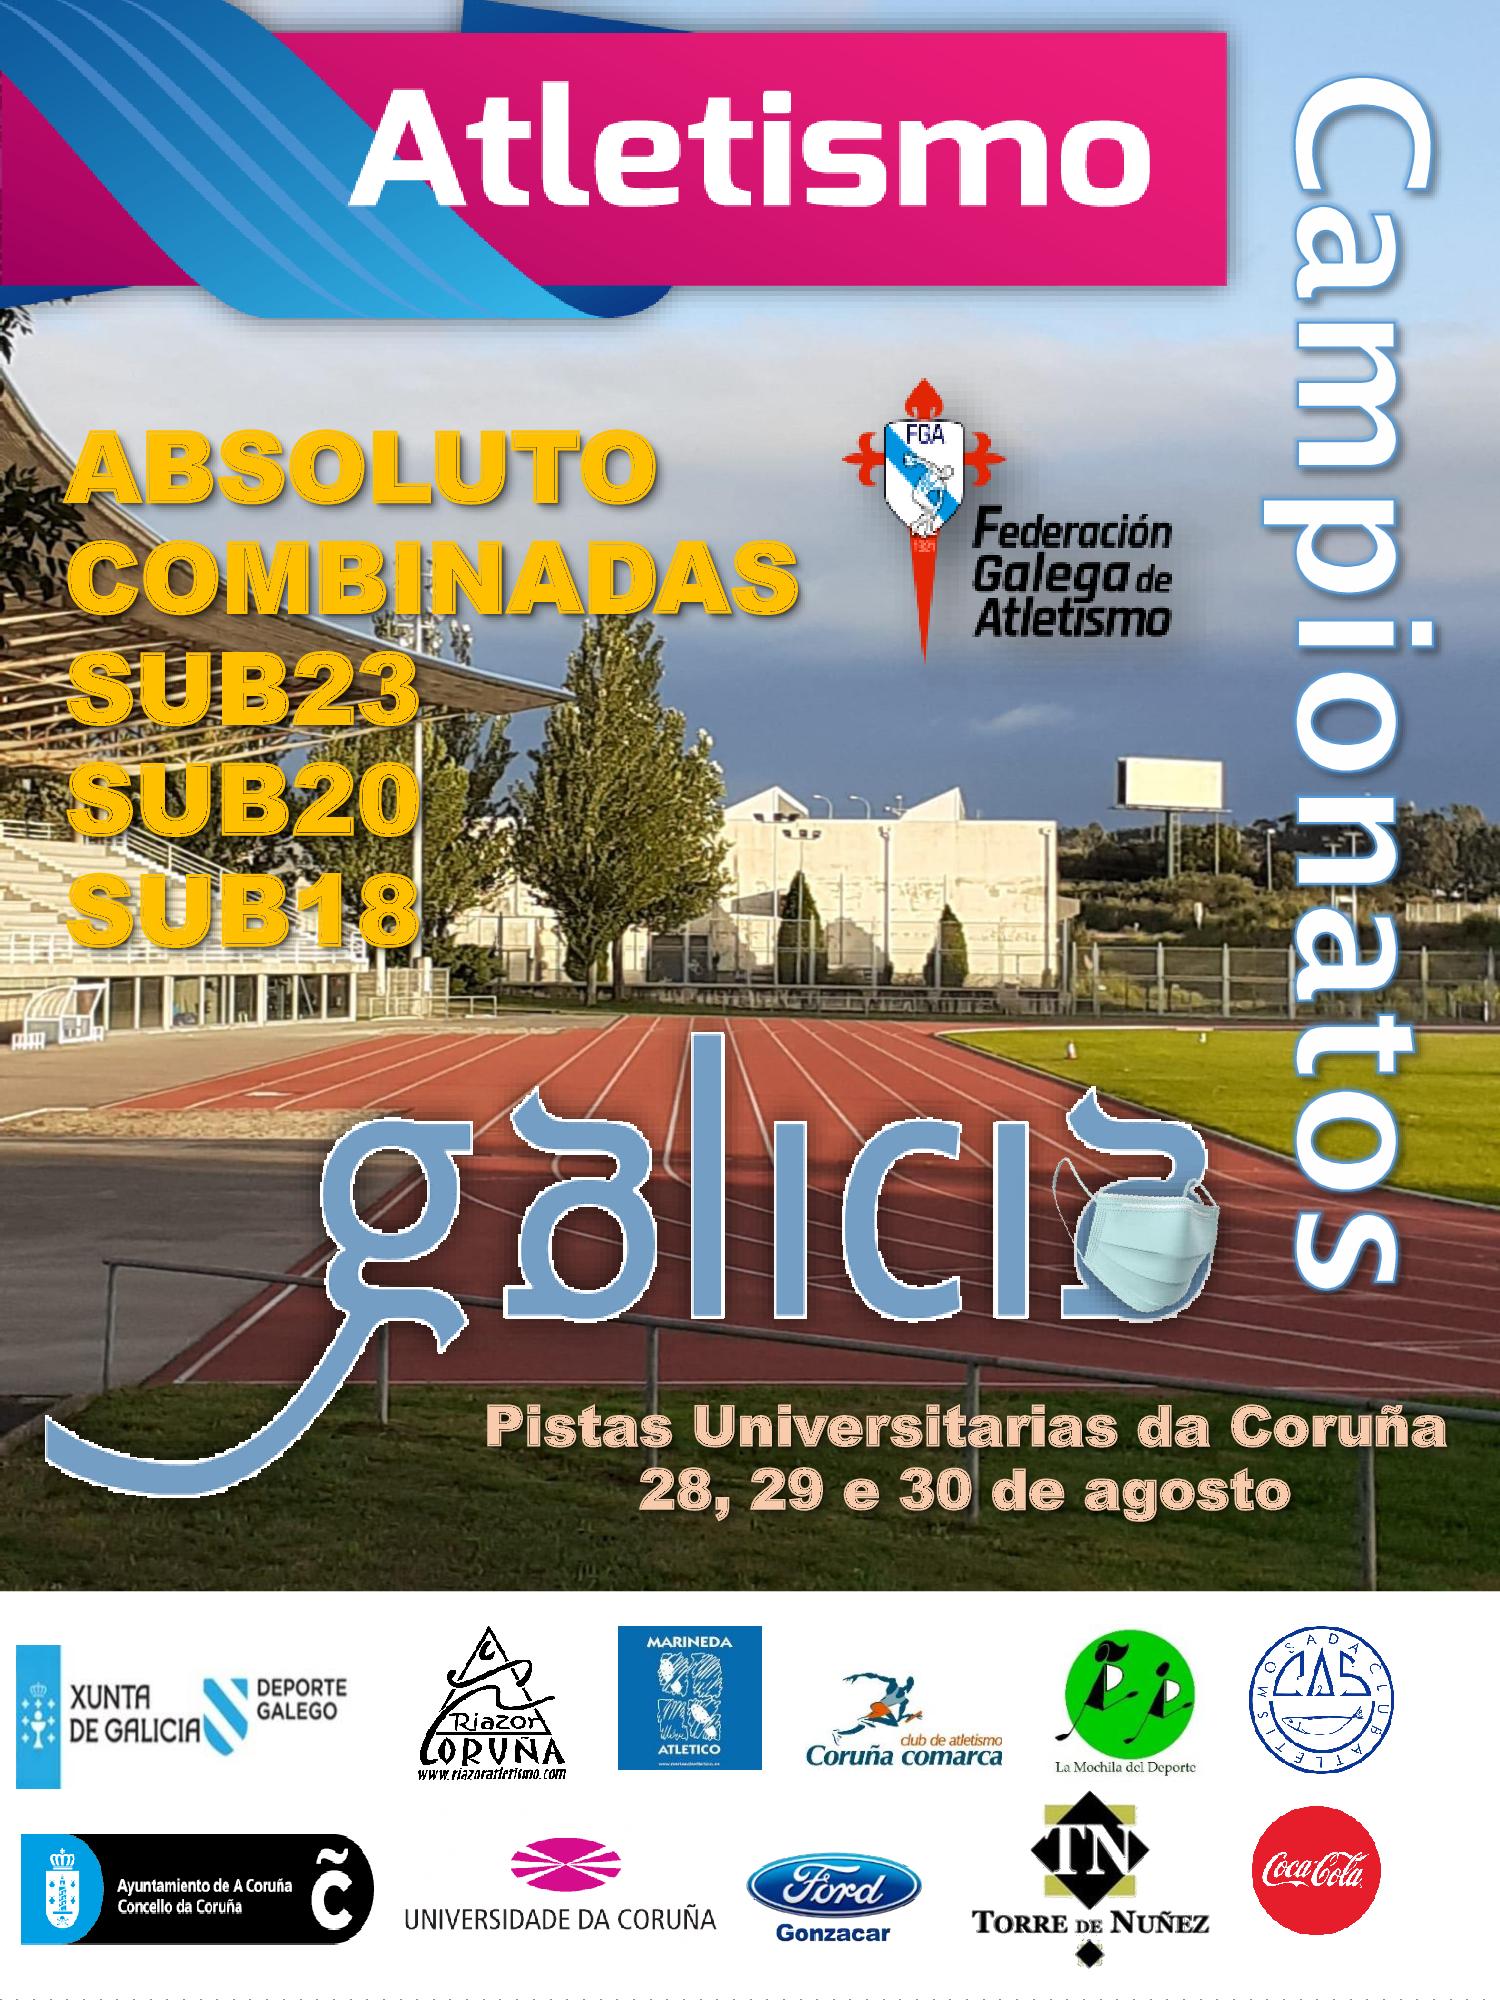 LXXXVII Campionato de Galicia Absoluto Masculino – LIII Campionato de Galicia Absoluto Feminino, Sub 18, Sub 20, Sub 23 e Probas Combinadas en Pista ao Aire Libre